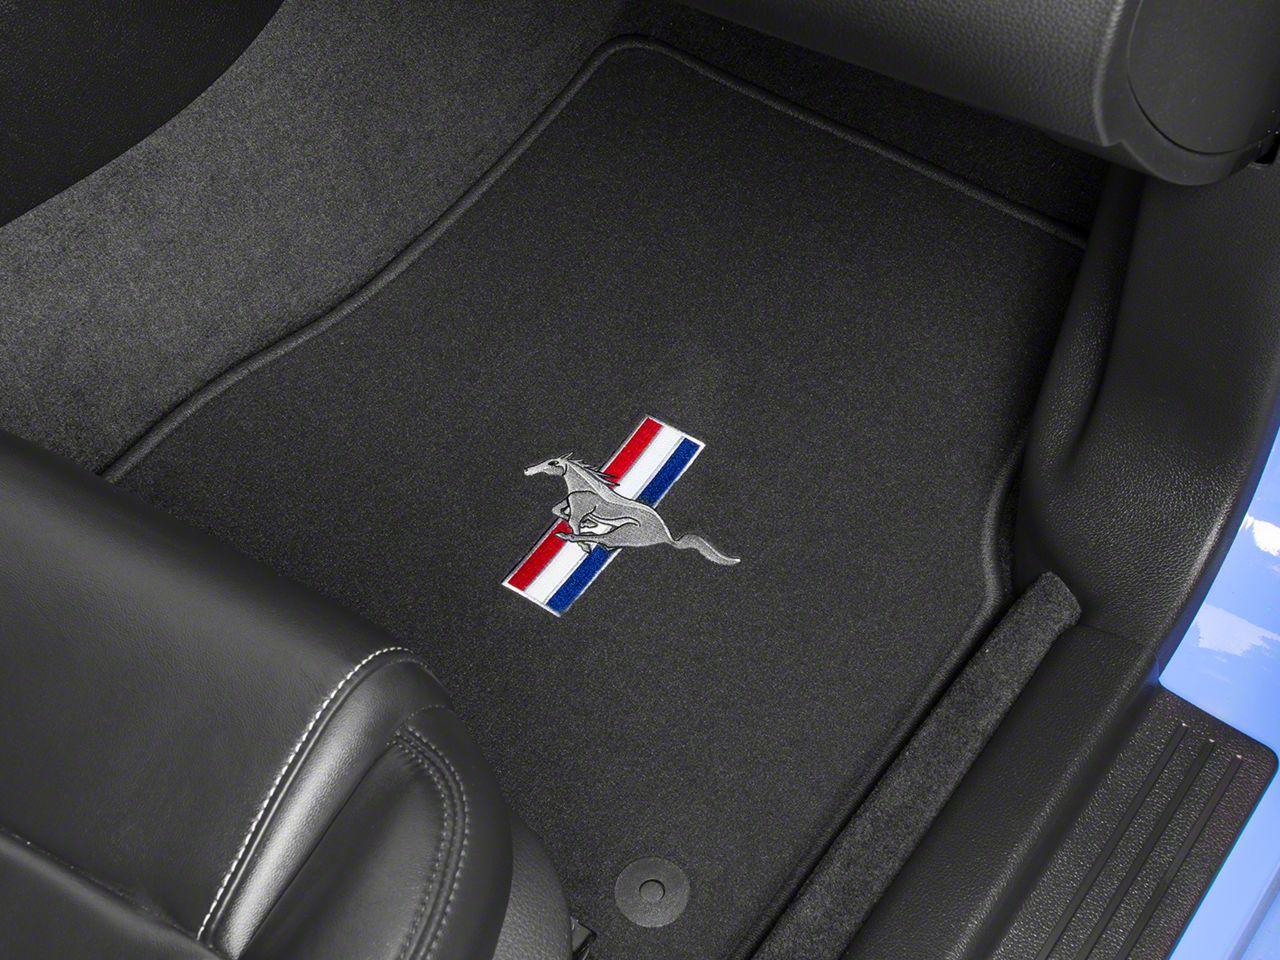 Mustang Floor Mats & Carpet